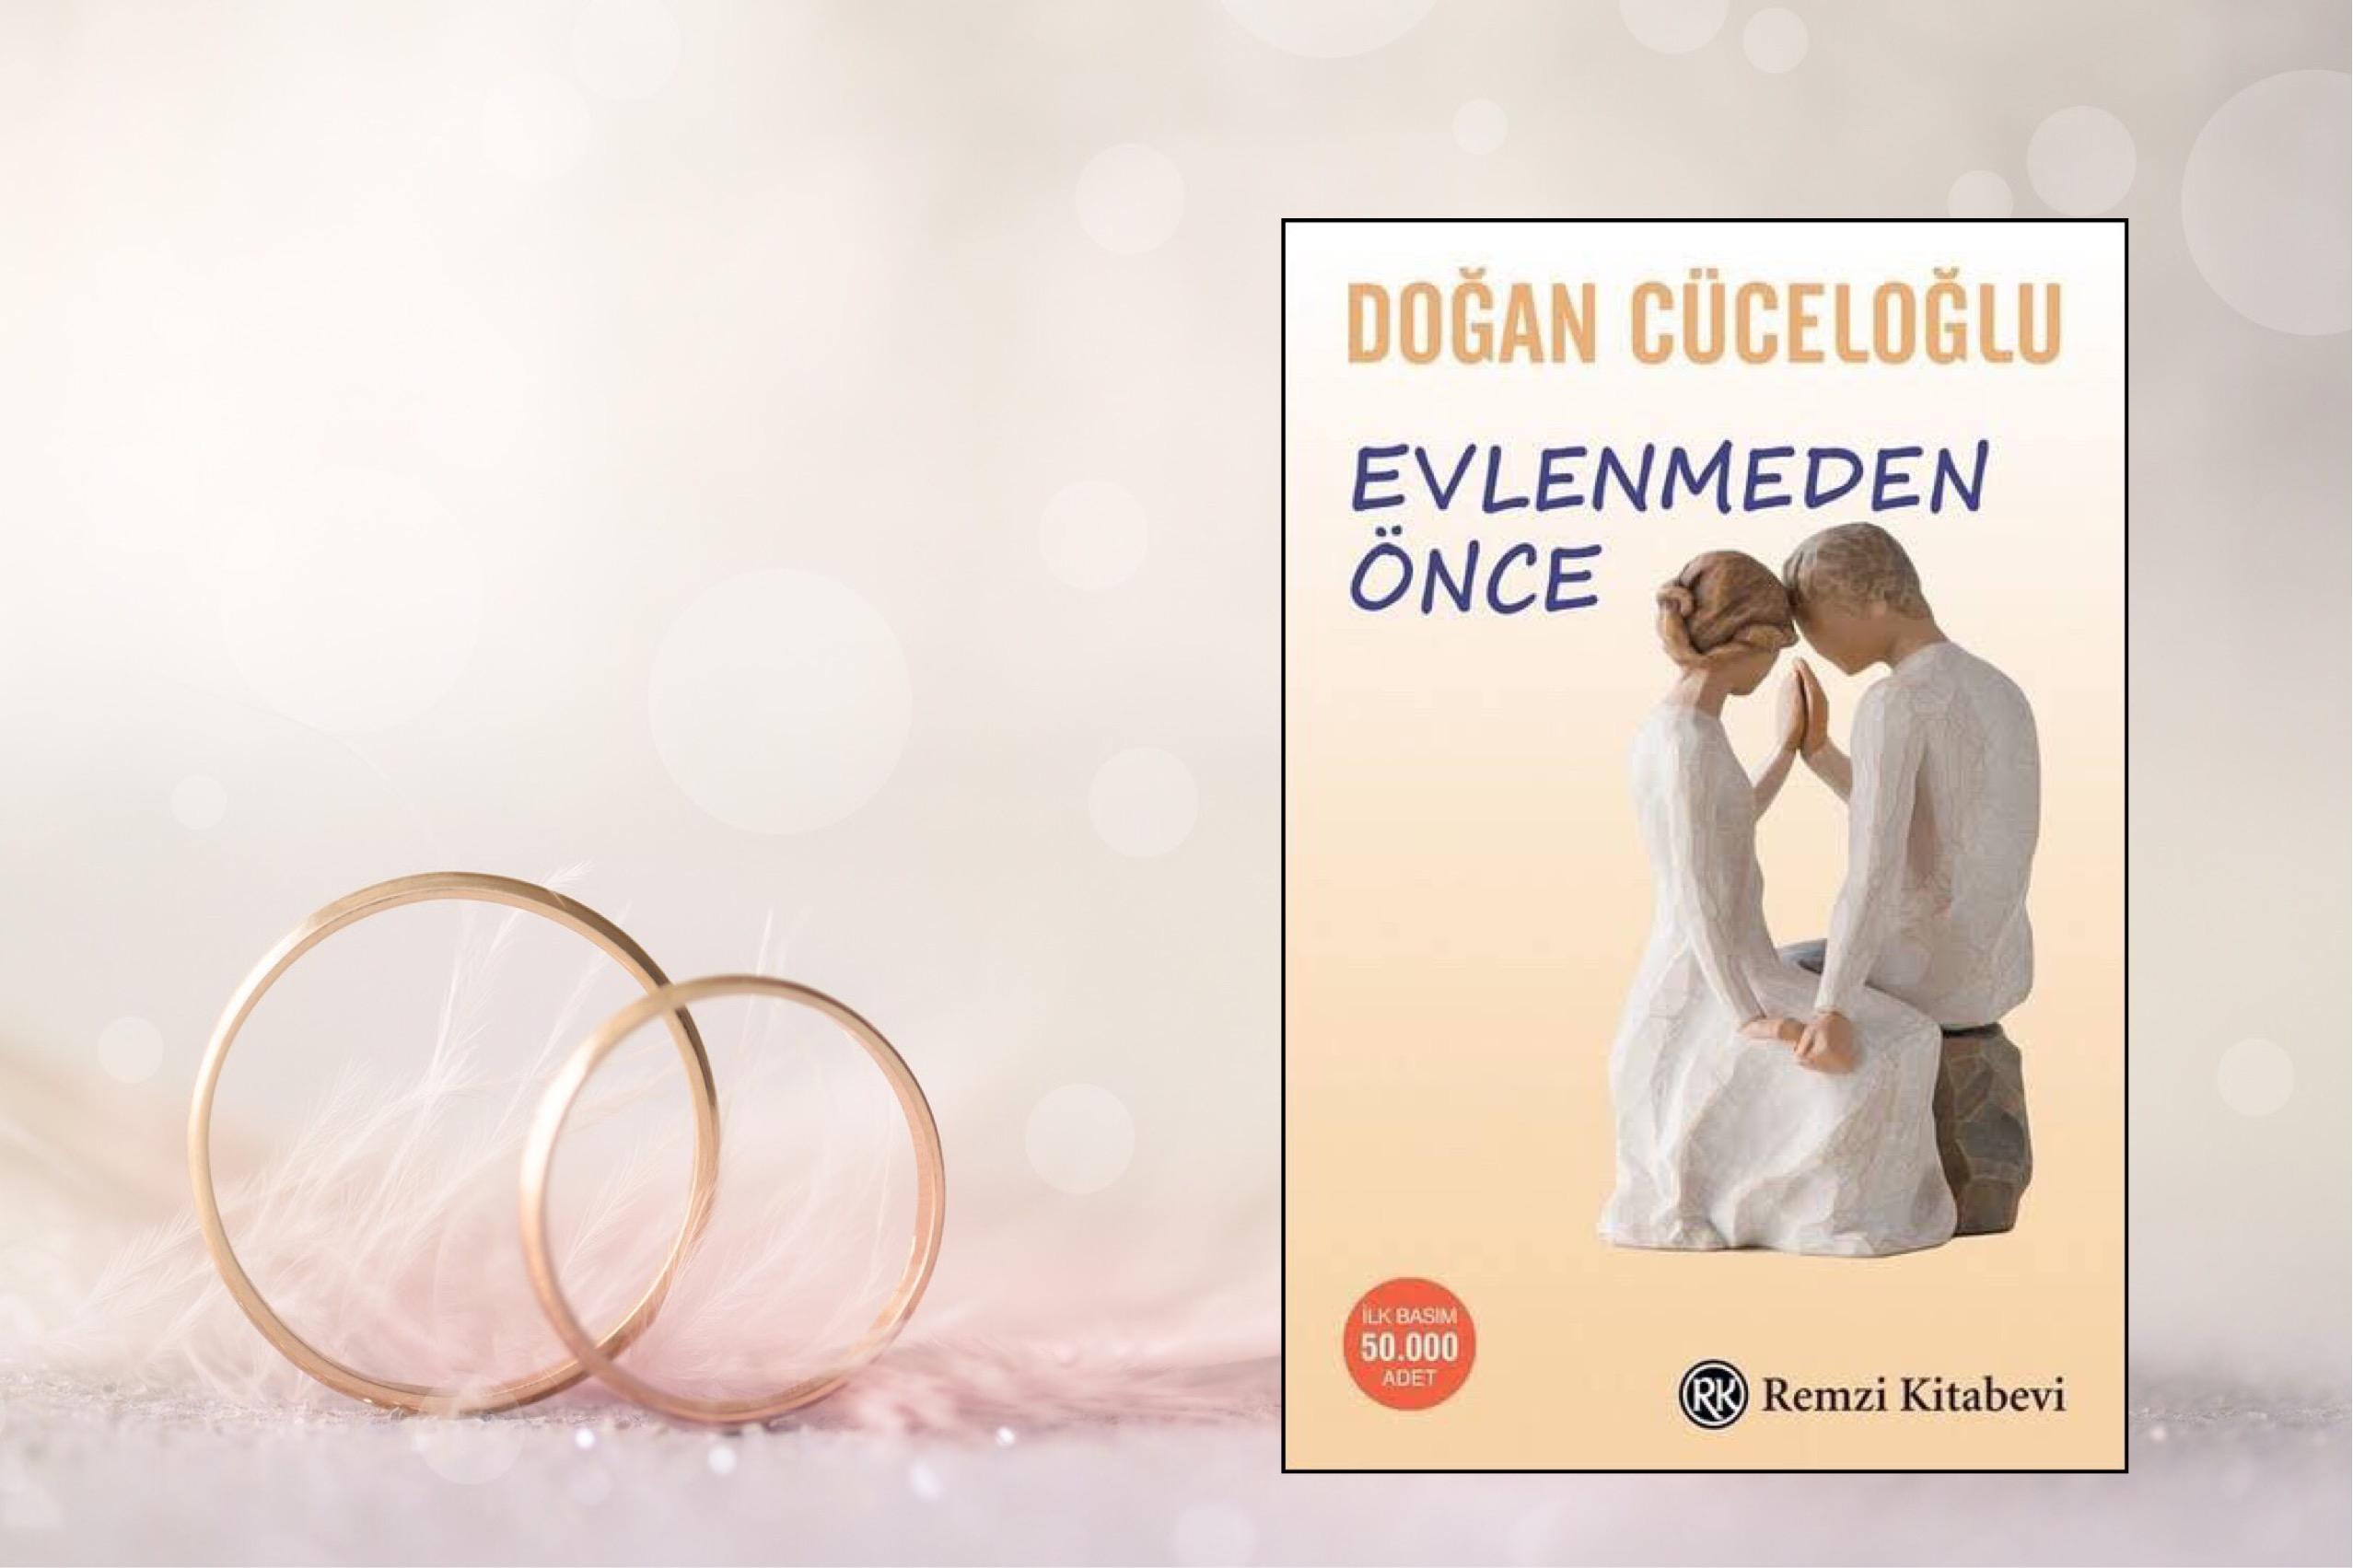 Evlenmeden Önce | Doğan Cüceloğlu